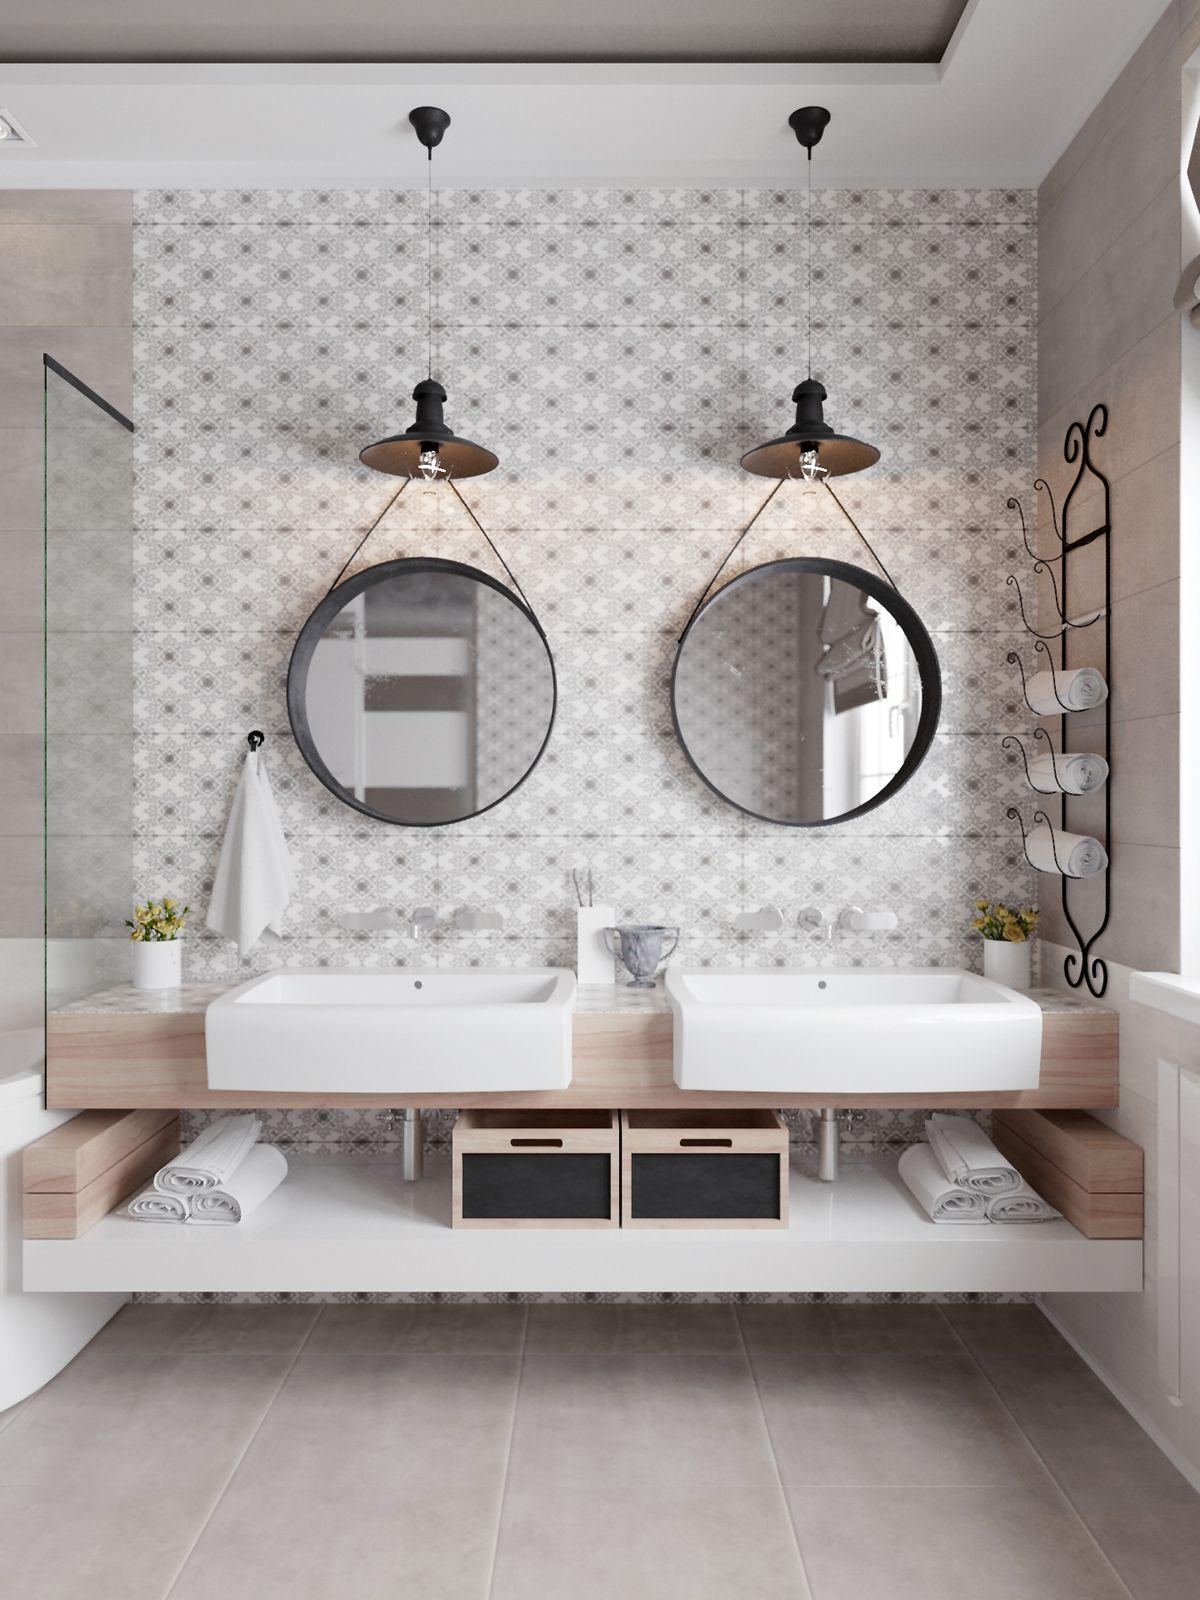 Fliesen Deko Holz Badezimmer in 2018 Pinterest